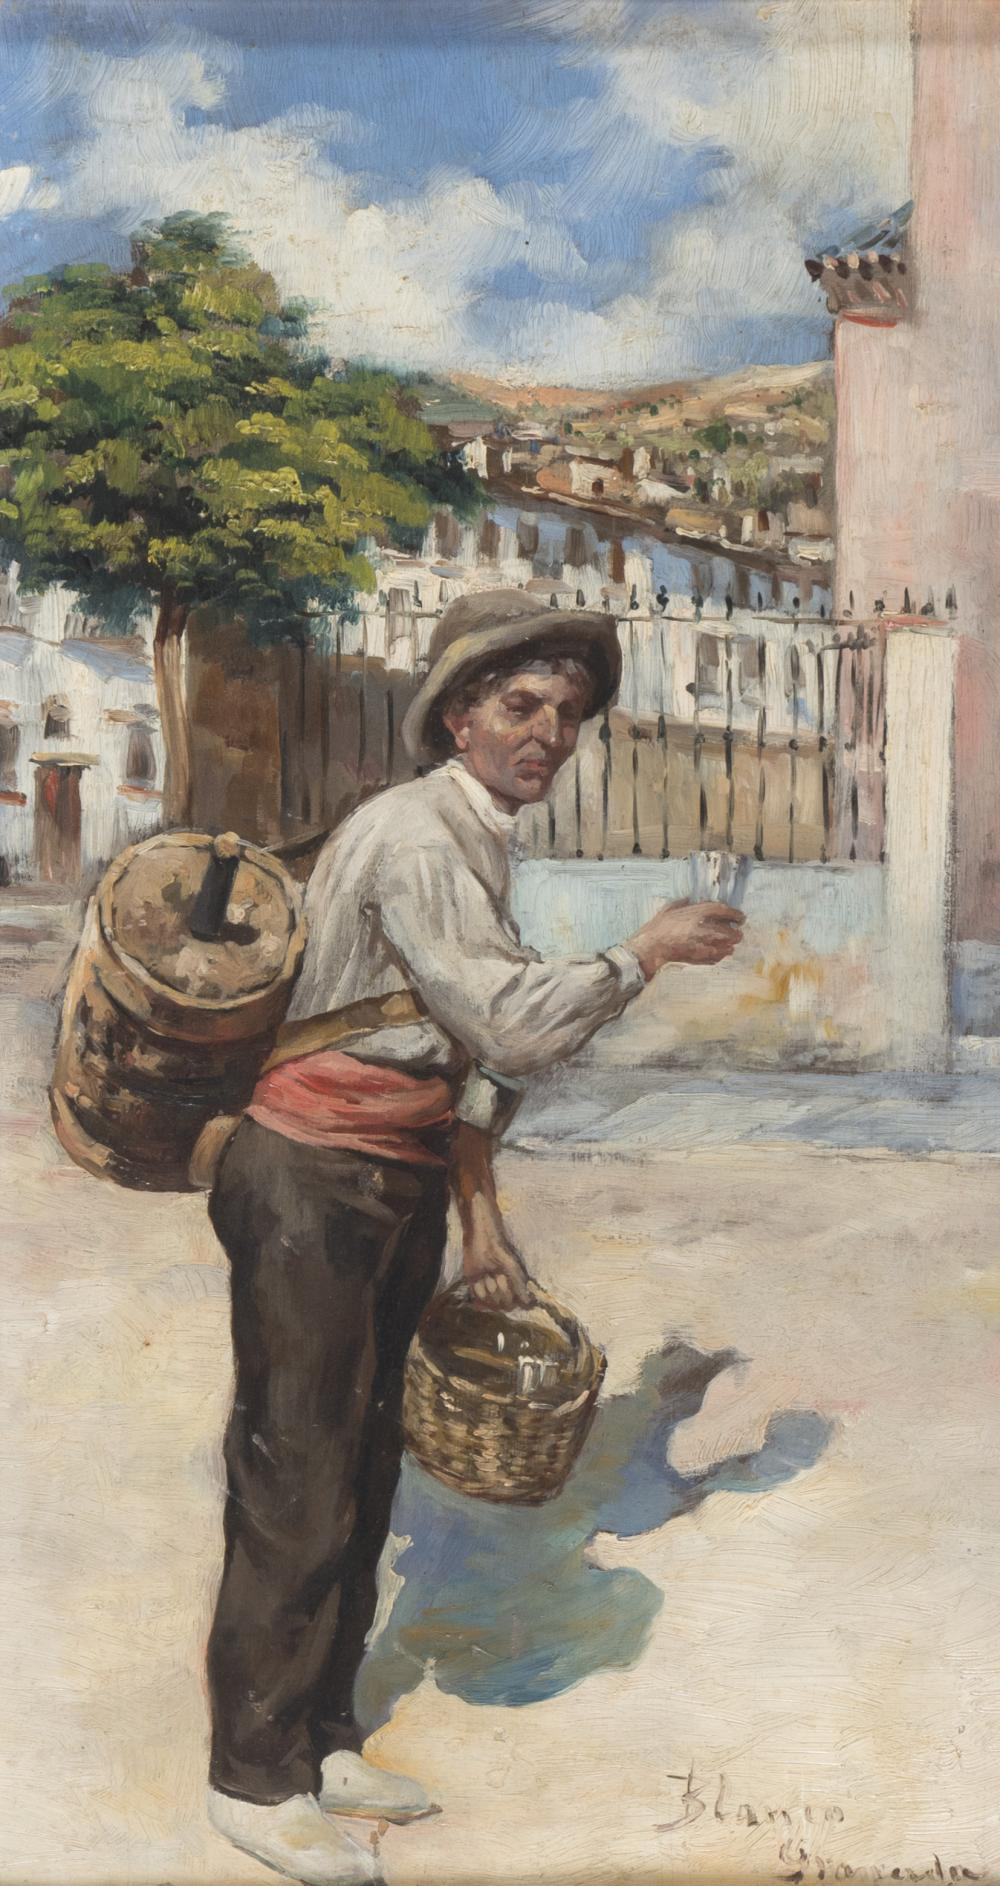 SPANISH PAINTER, 19TH CENTURY